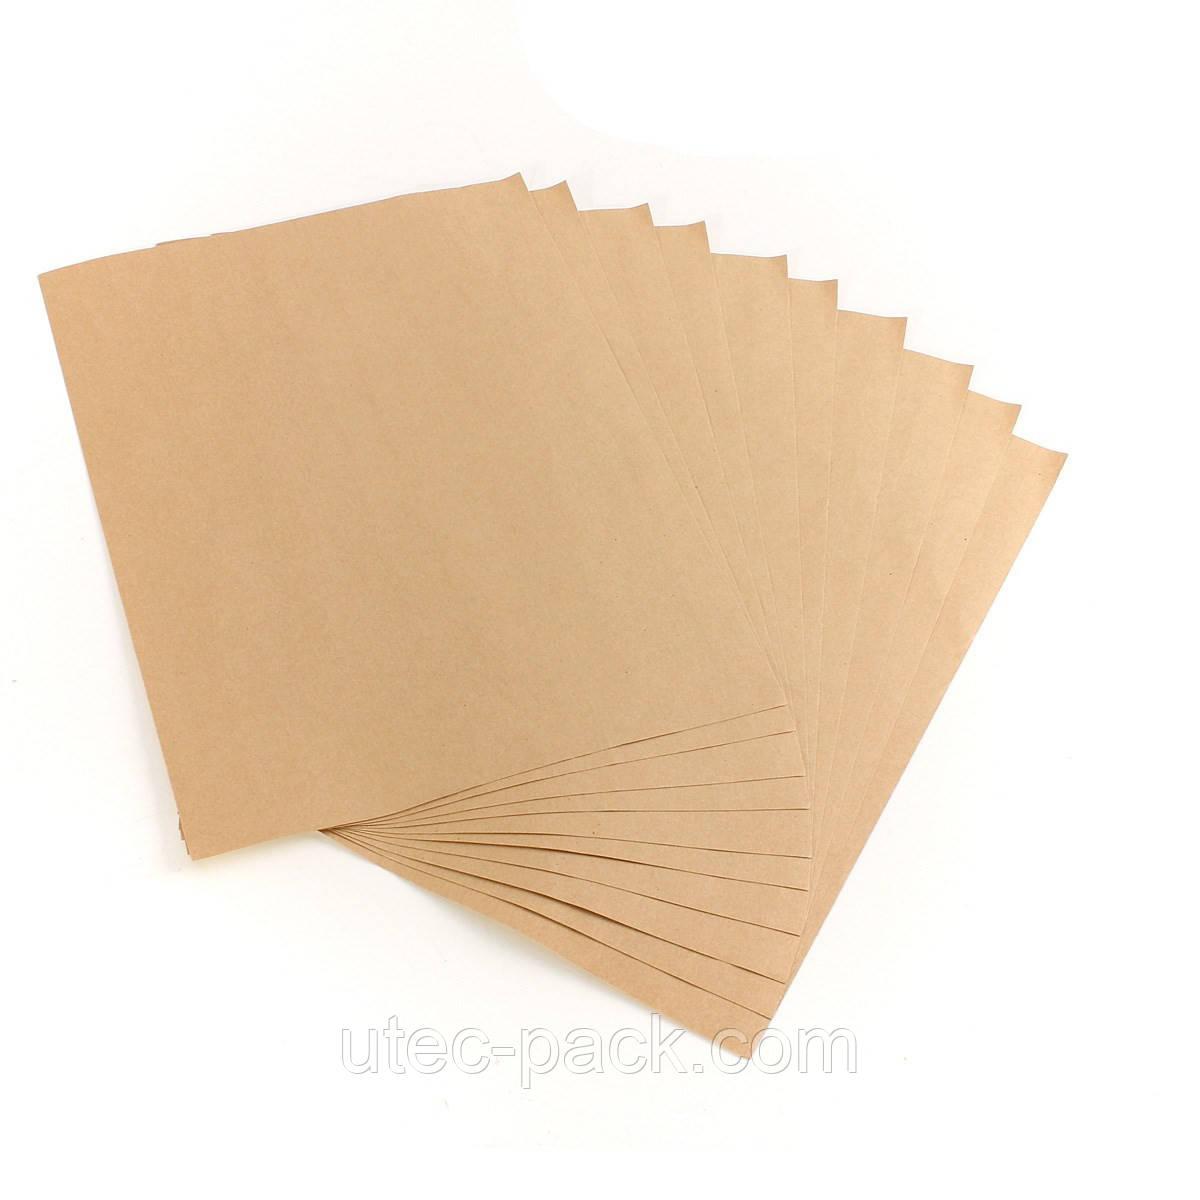 Упаковочная крафт бумага А4 70 г/м2 (1000 листов в упаковке)